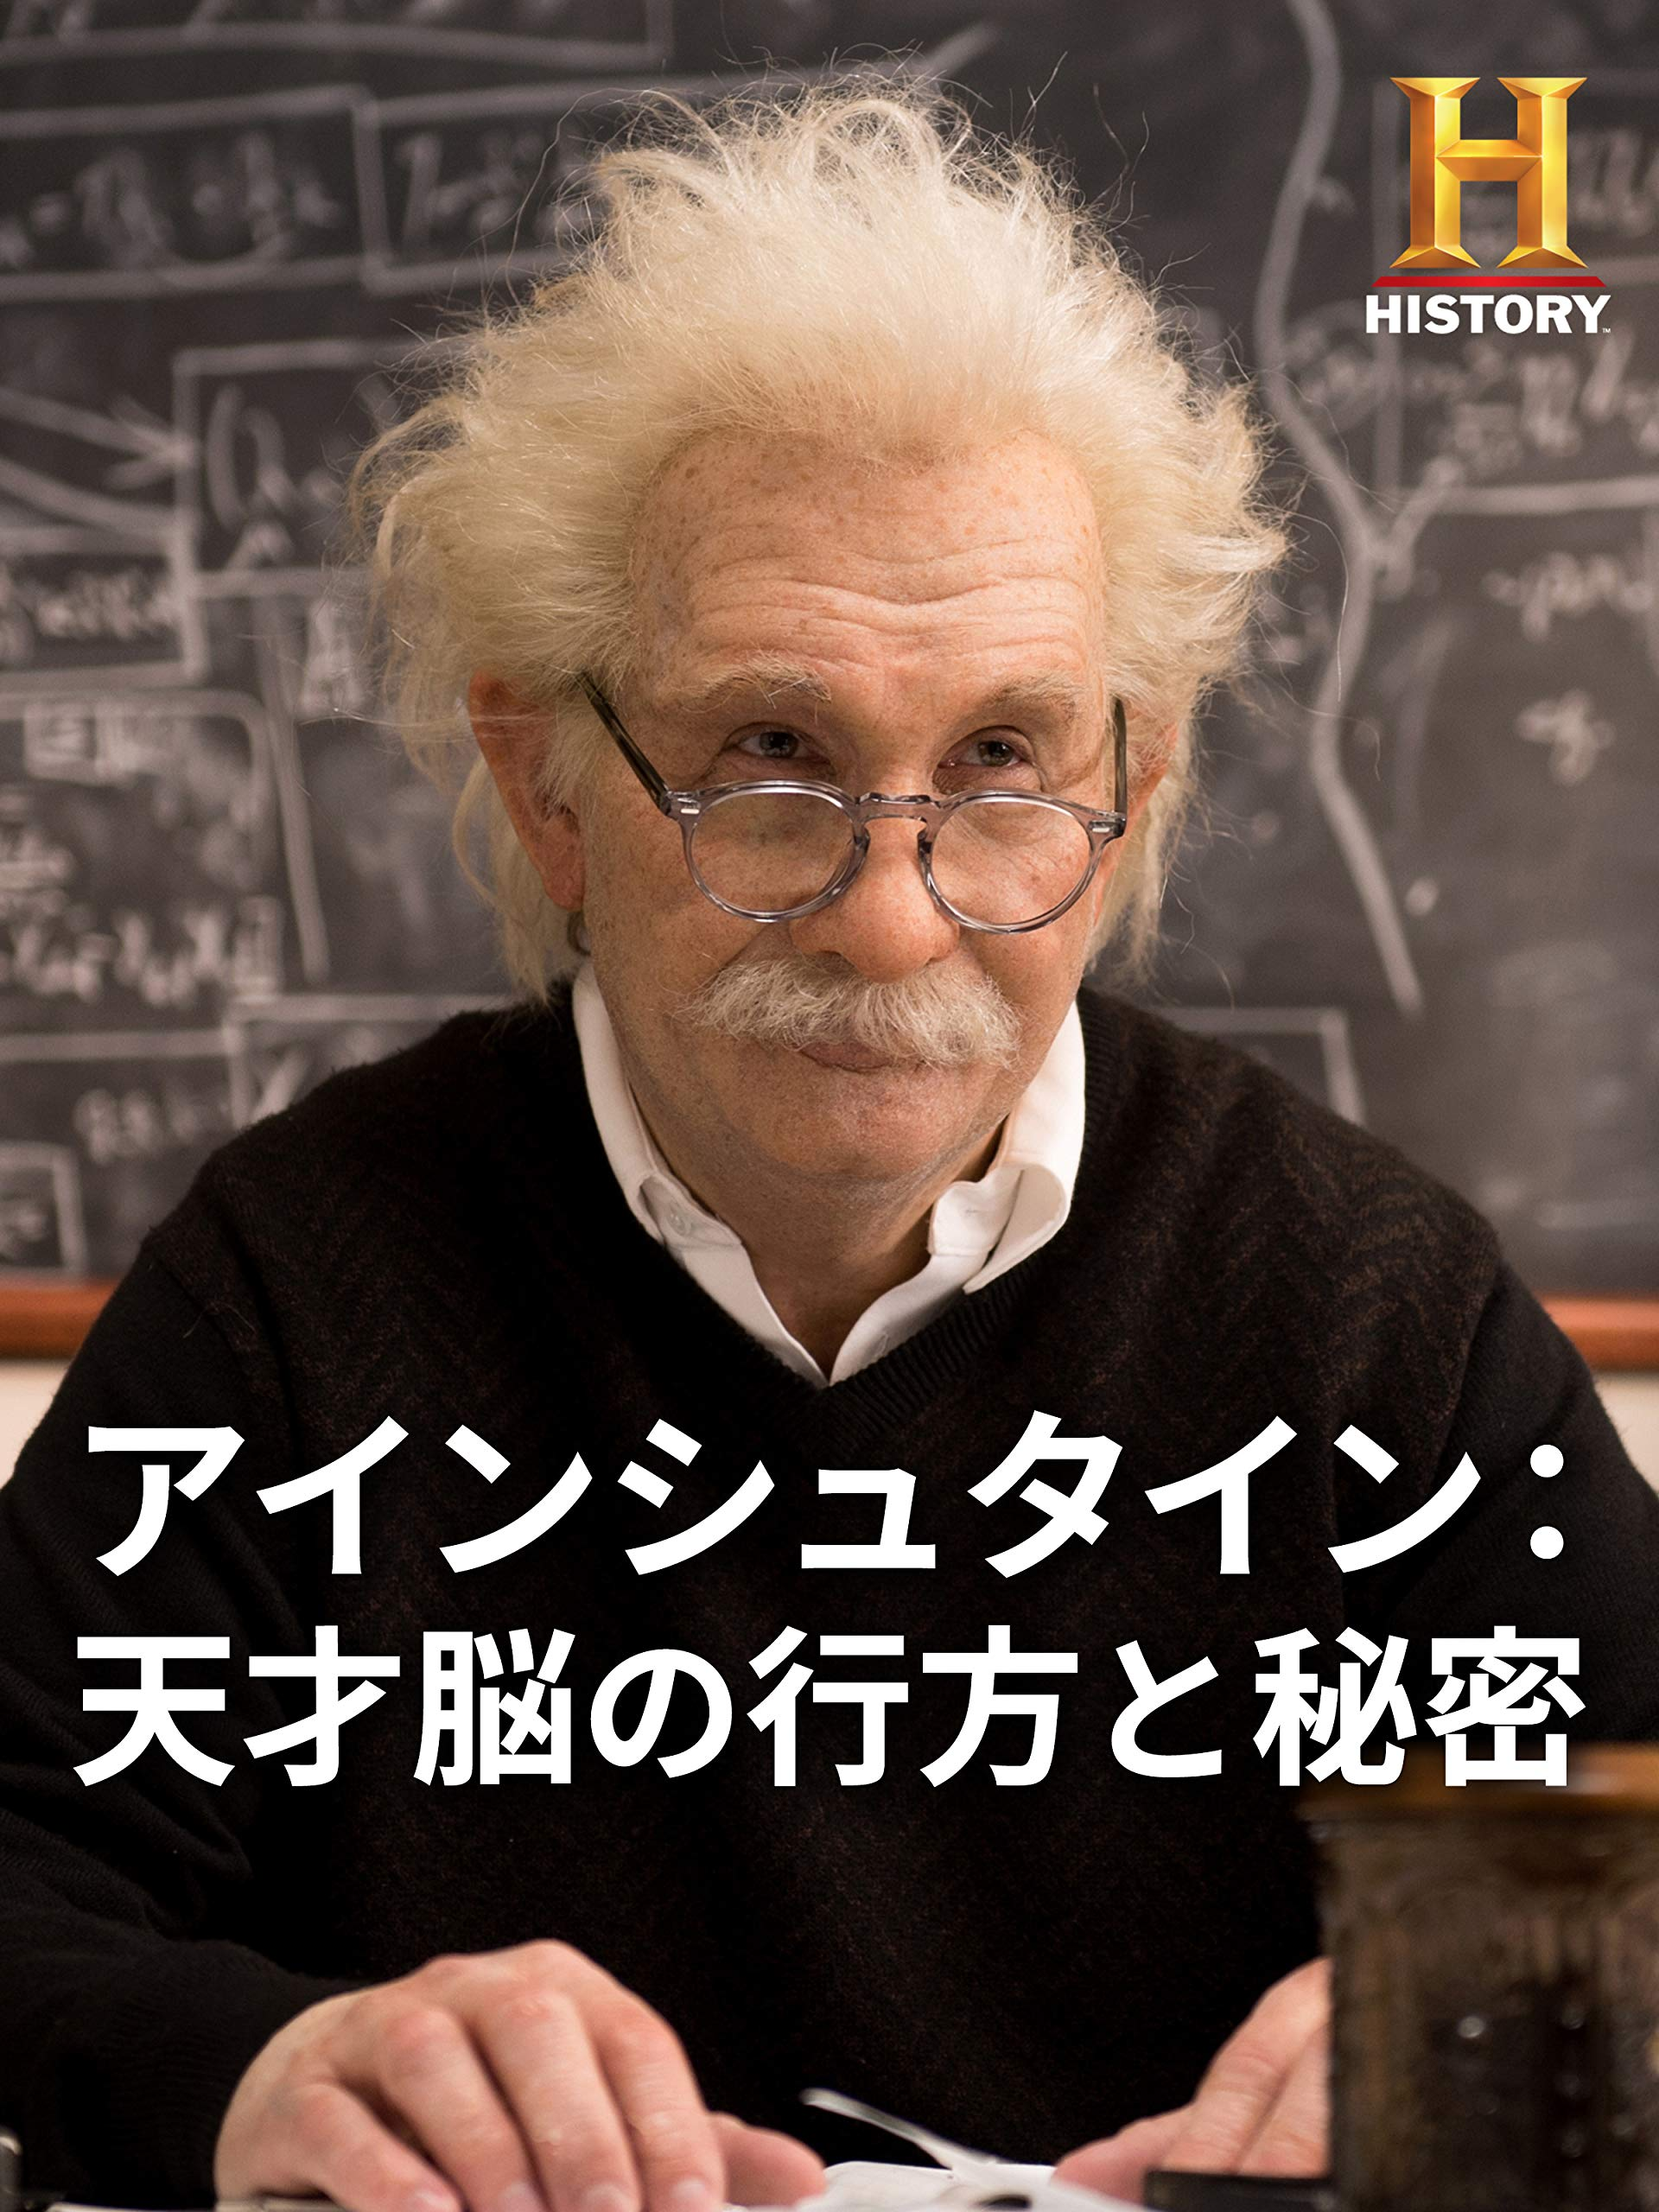 アインシュタイン 映画